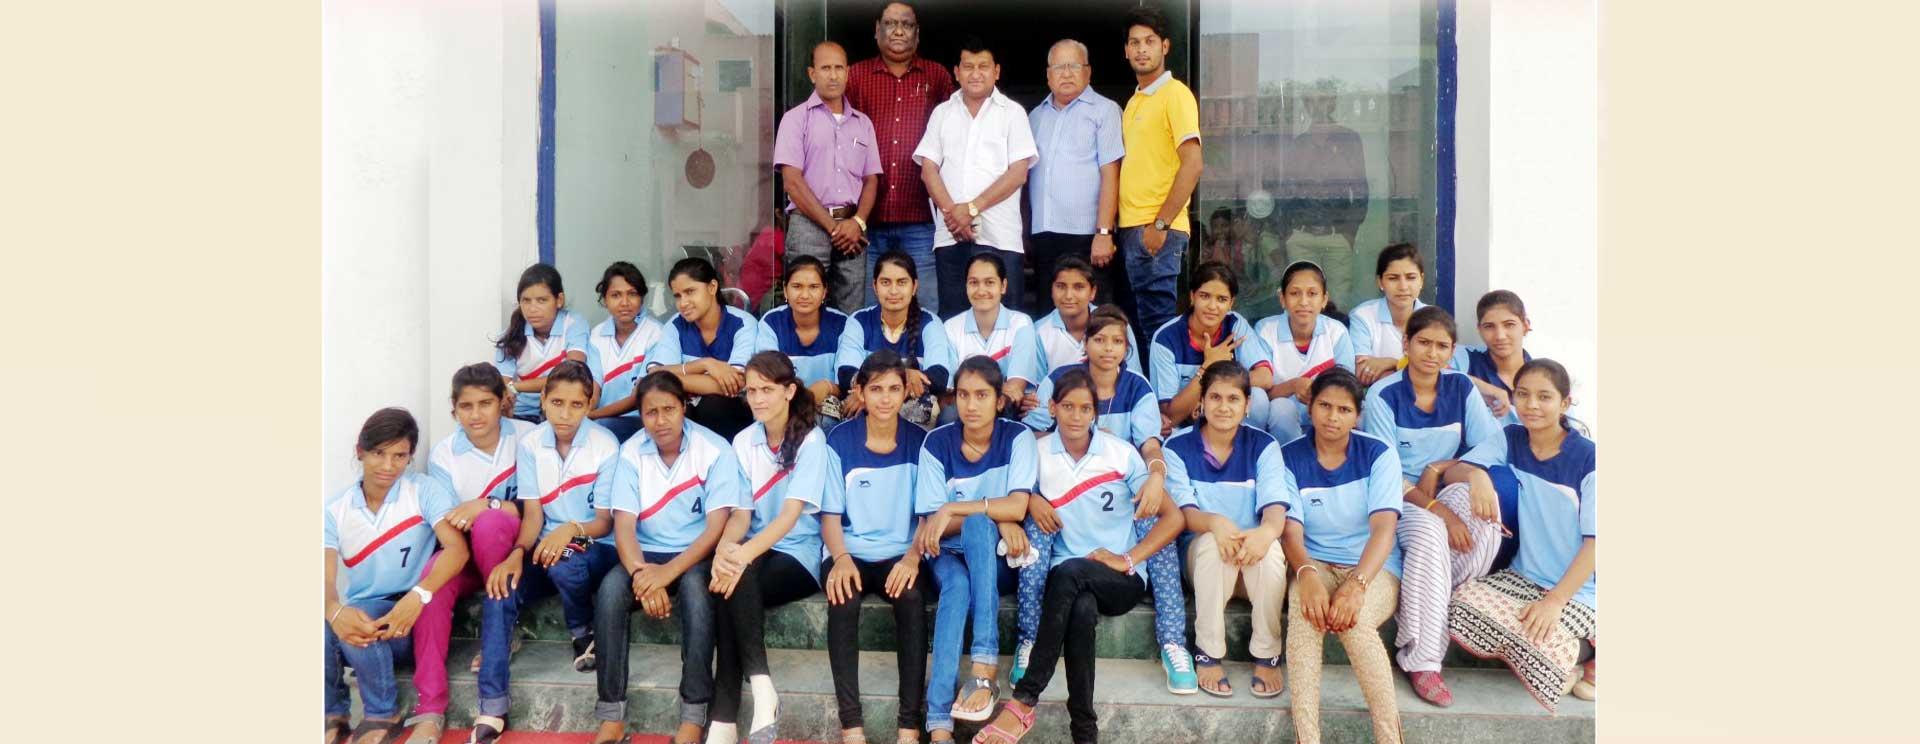 Dev Kanya PG College